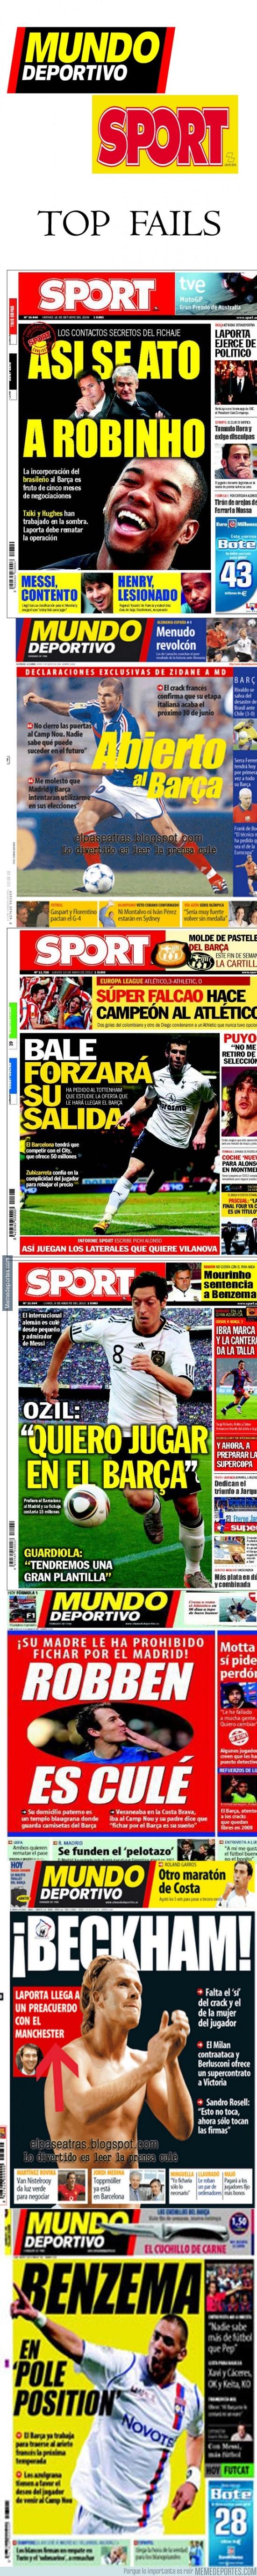 299553 - Top Fails de la prensa deportiva catalana (MD & Sport)